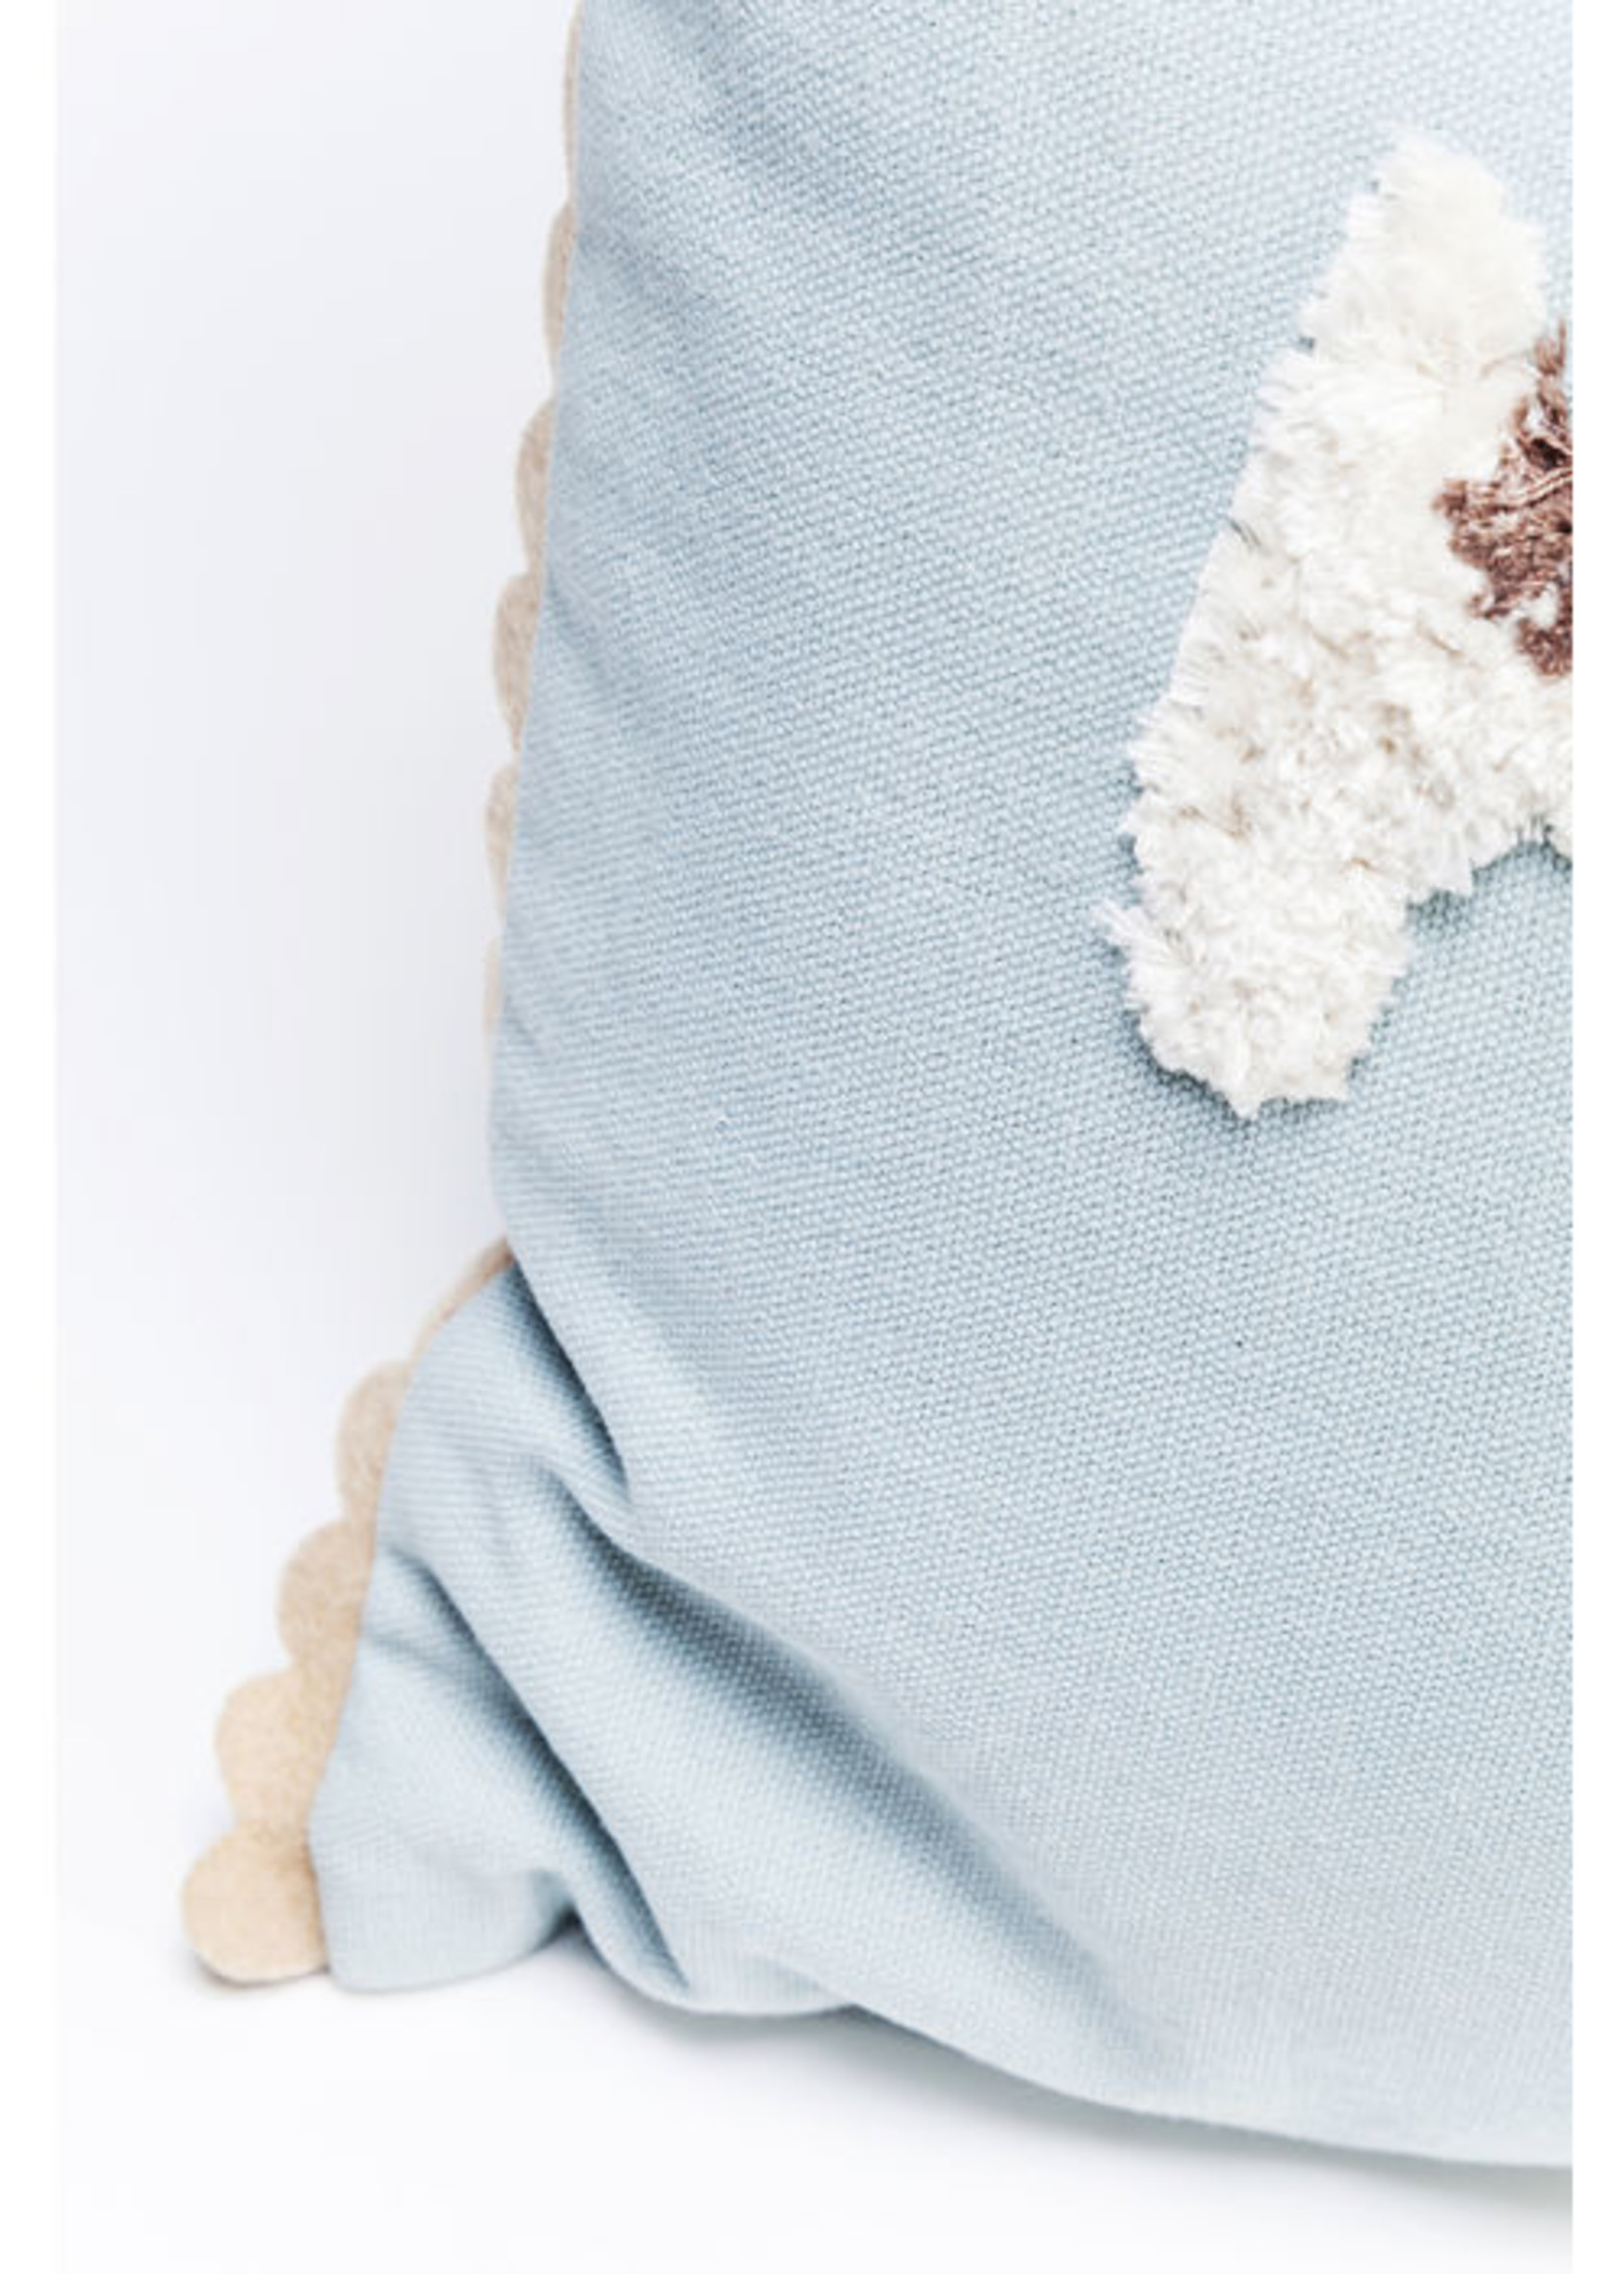 KARE DESIGN Cushion Fairytale Love 40x30cm